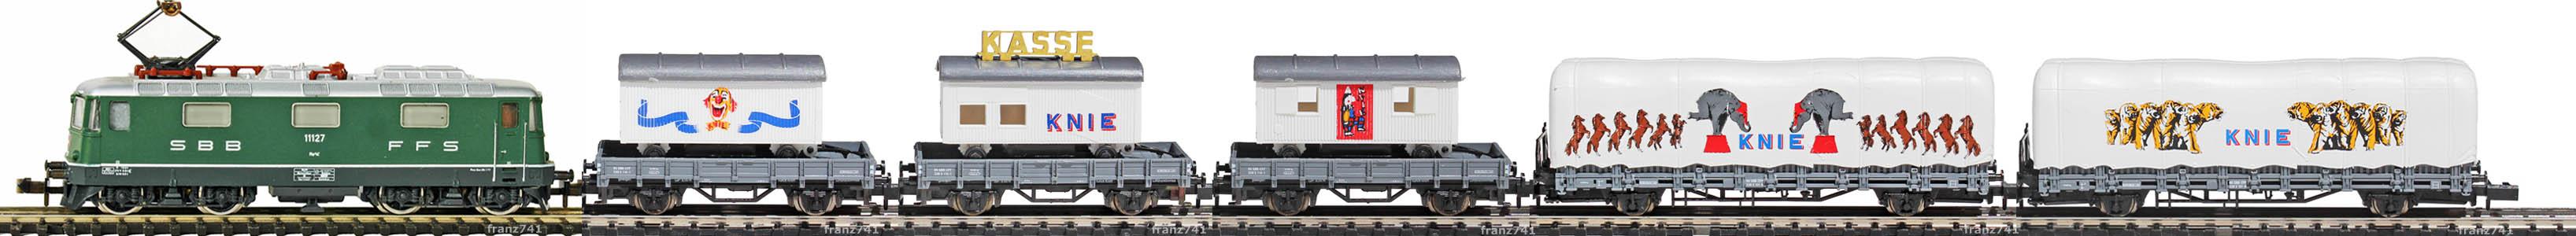 Epoche-IV-SBB-Zirkus-Knie-Gueterzug_Re-4-4-II-Elok-Kps-Niederbordwagen